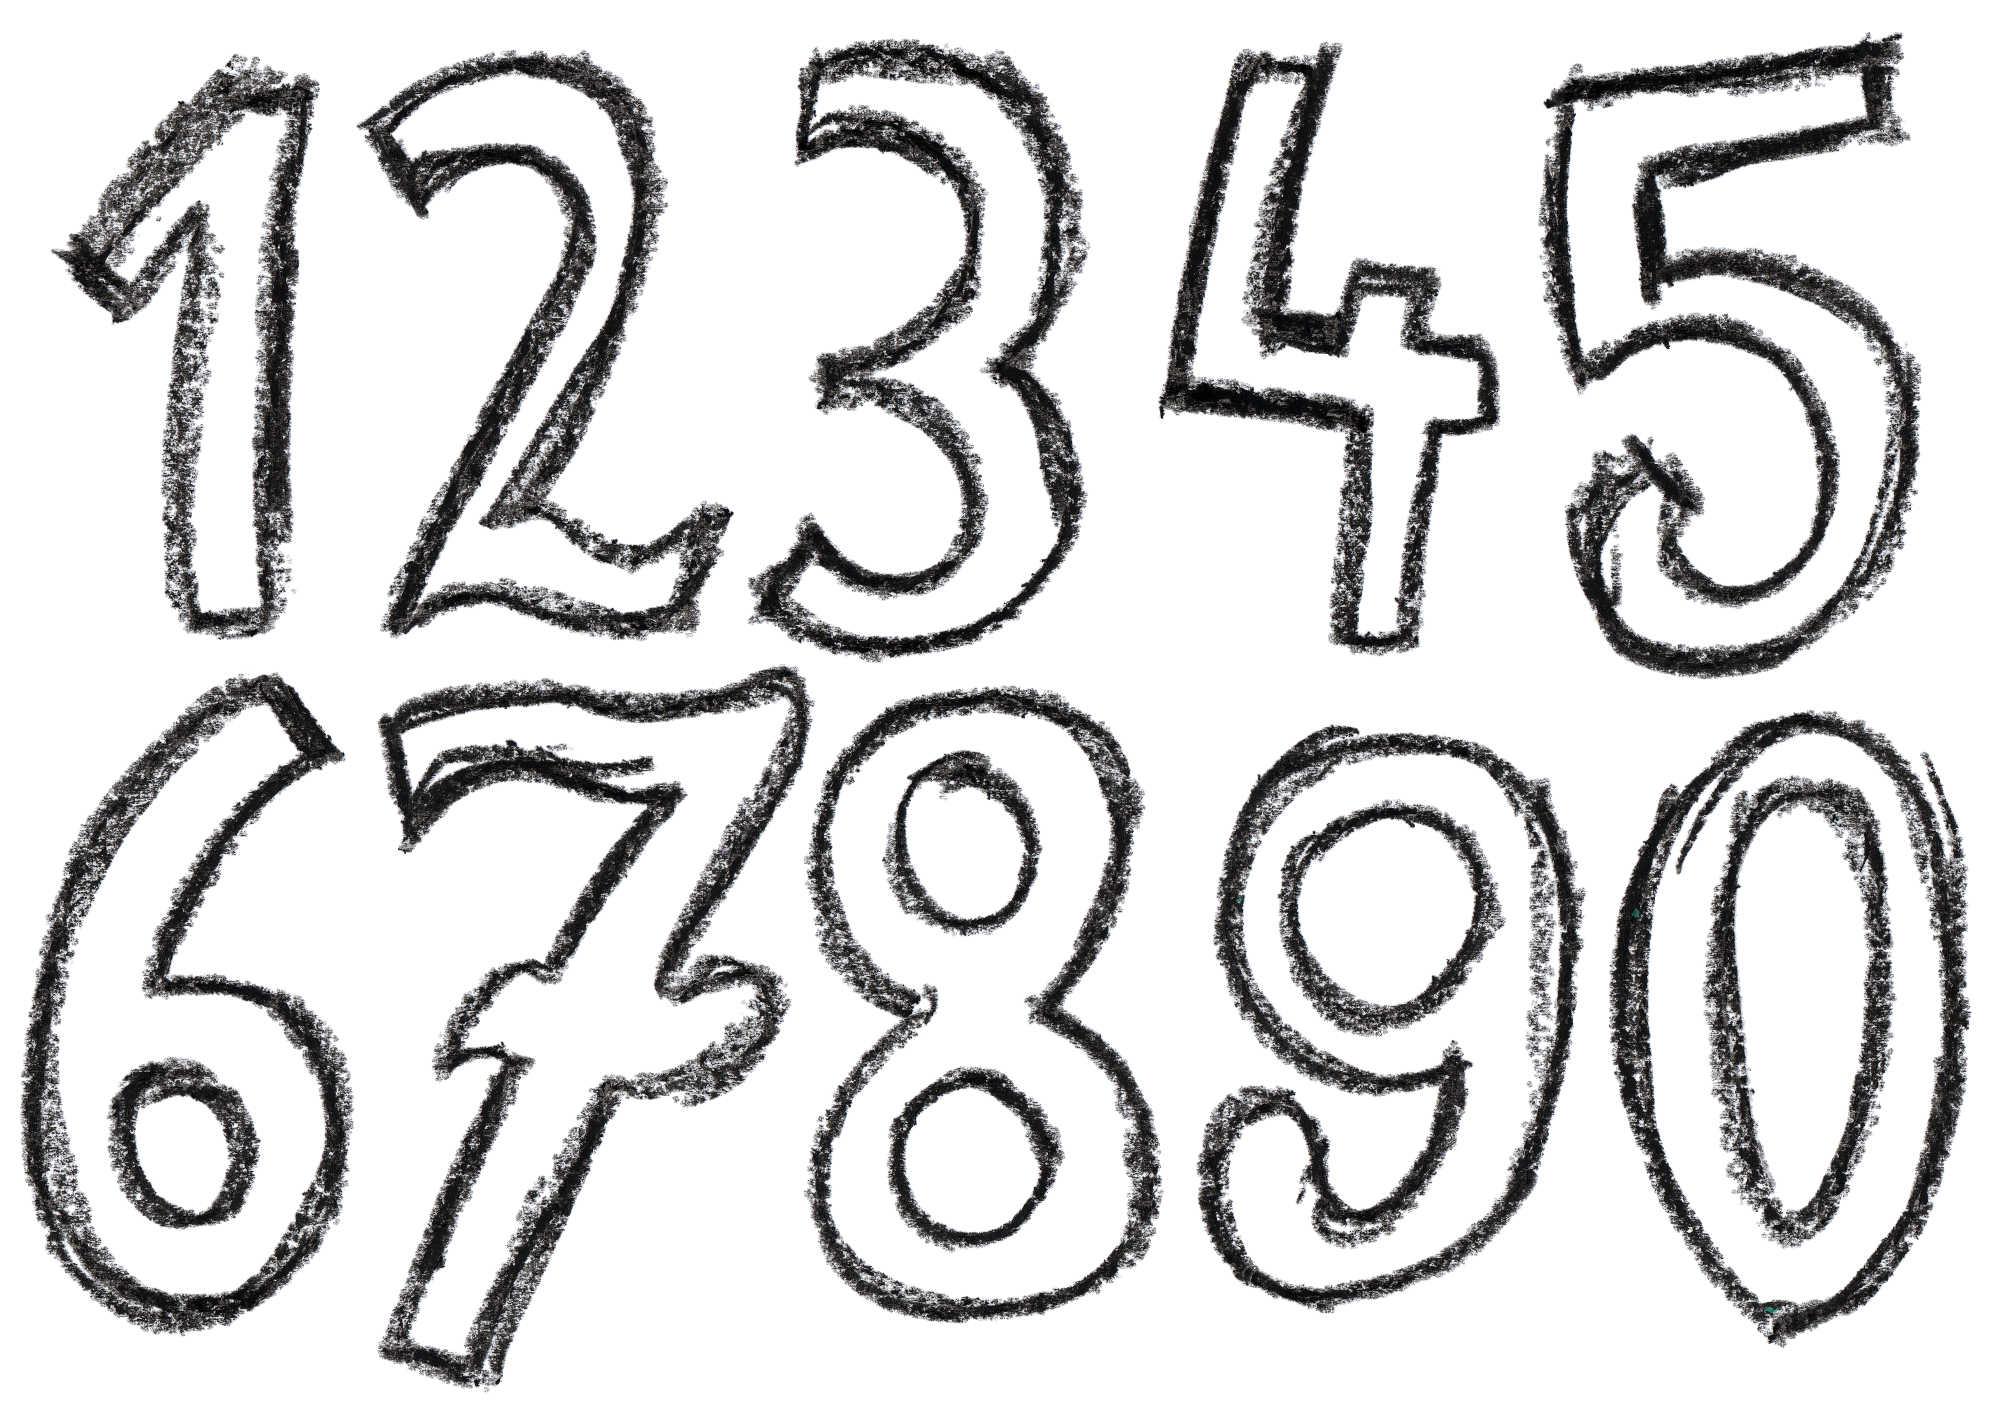 2000x1422 Crayon Number (Png Transparent)